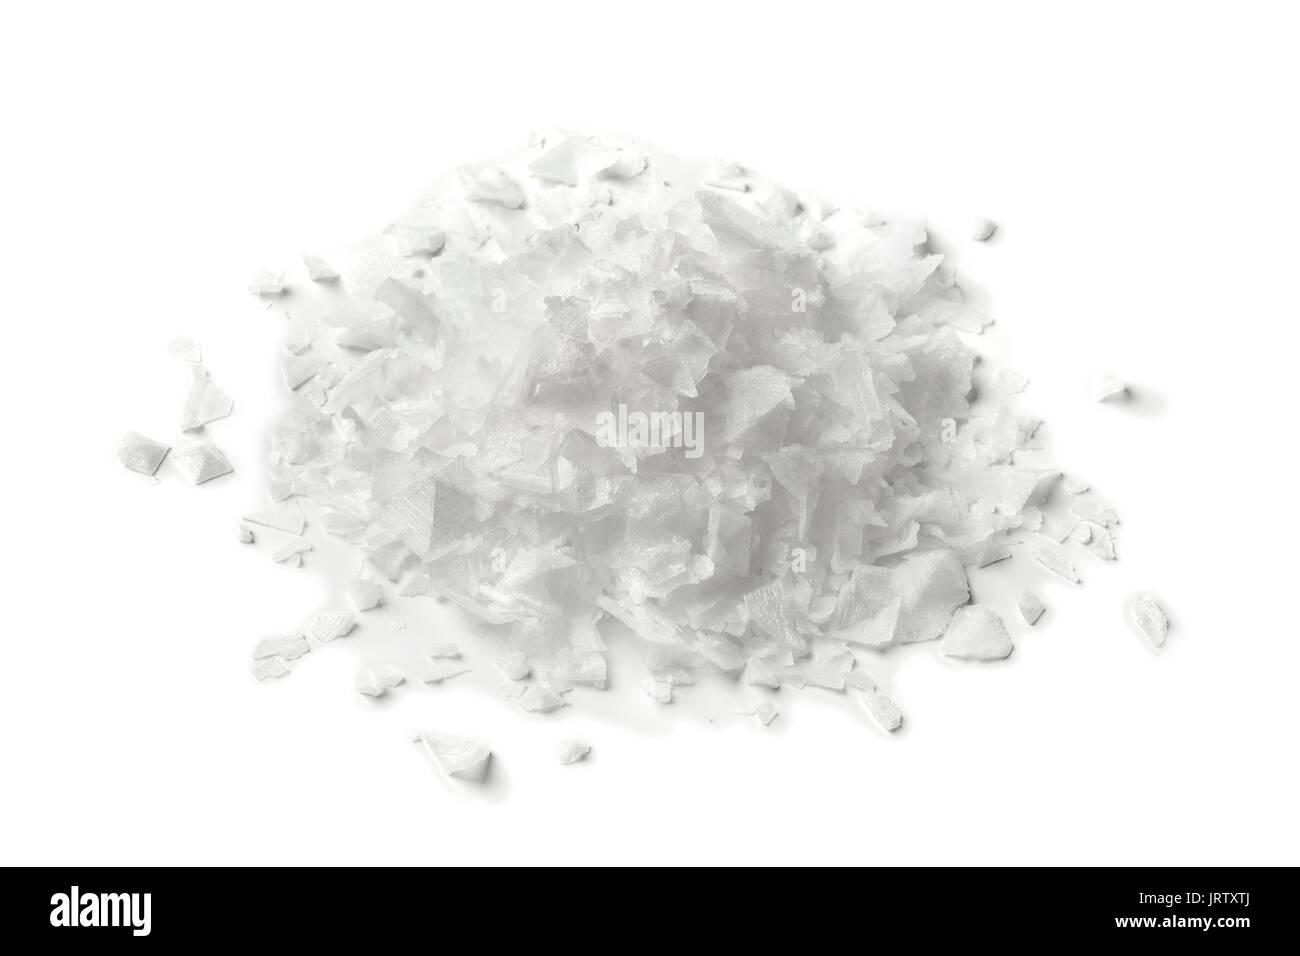 Haufen Salz Flocken auf weißem Hintergrund Stockbild